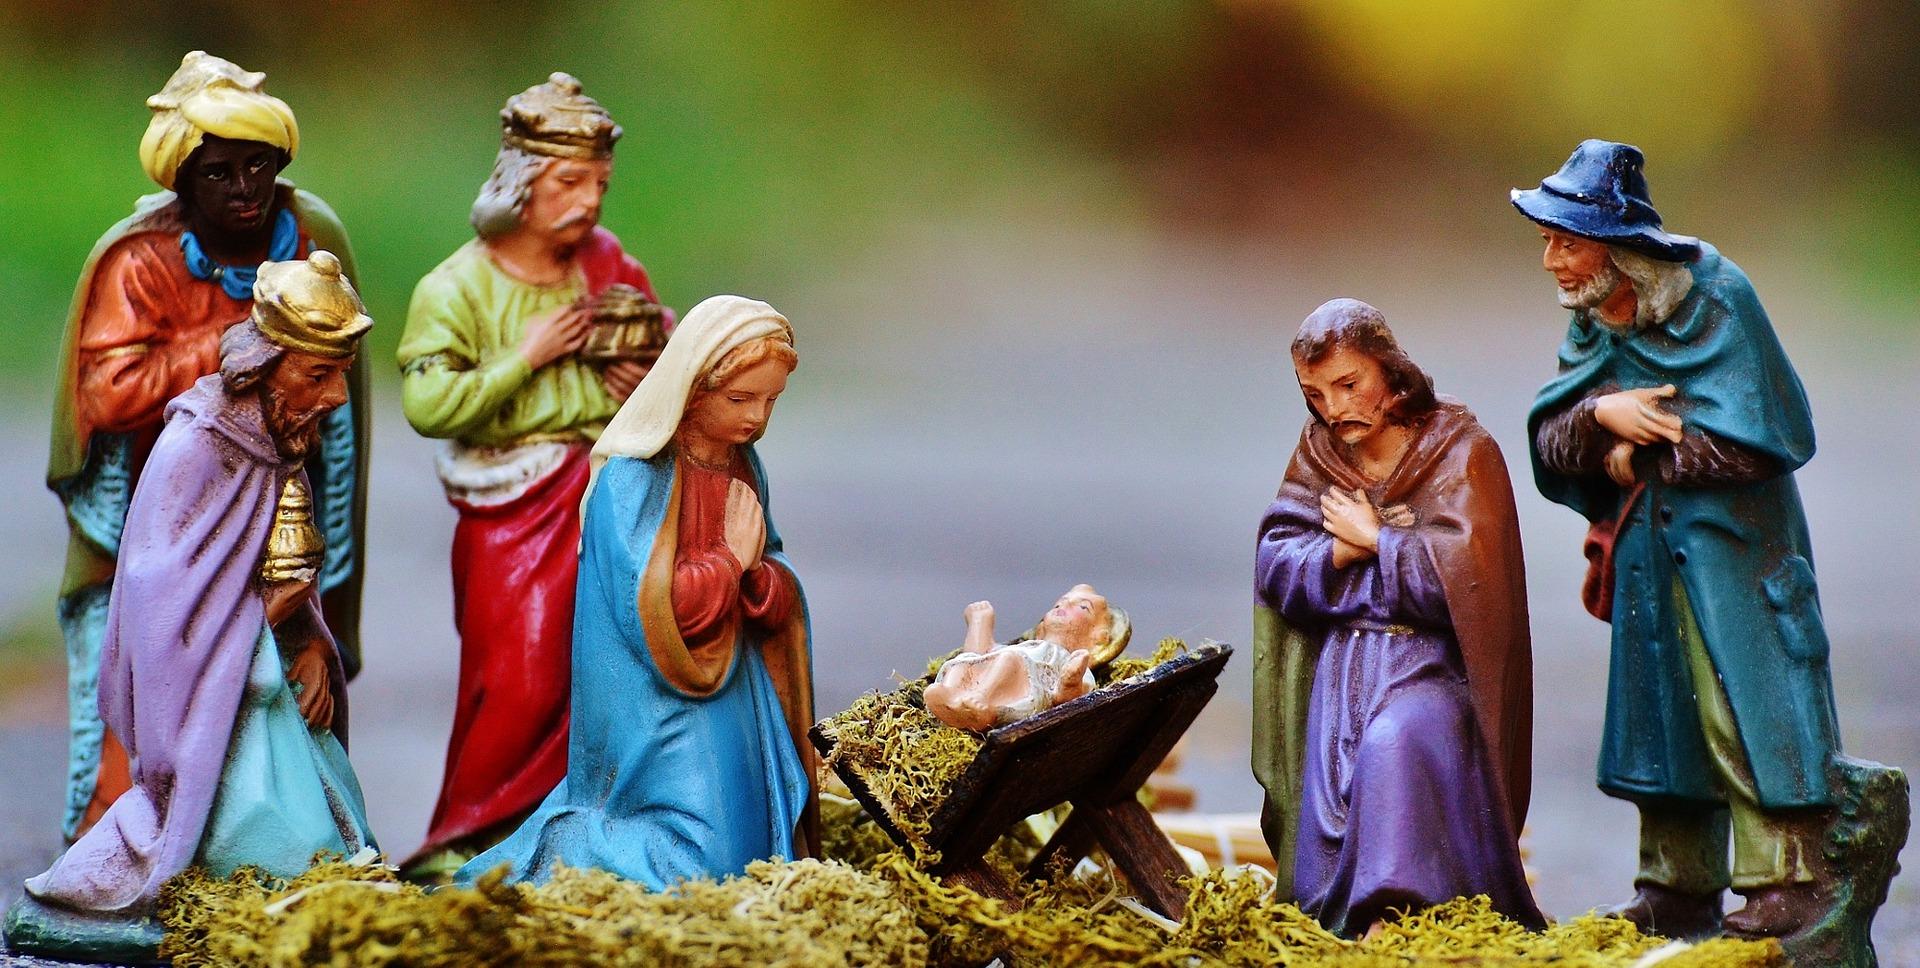 Mary-at-the-Nativity.jpg